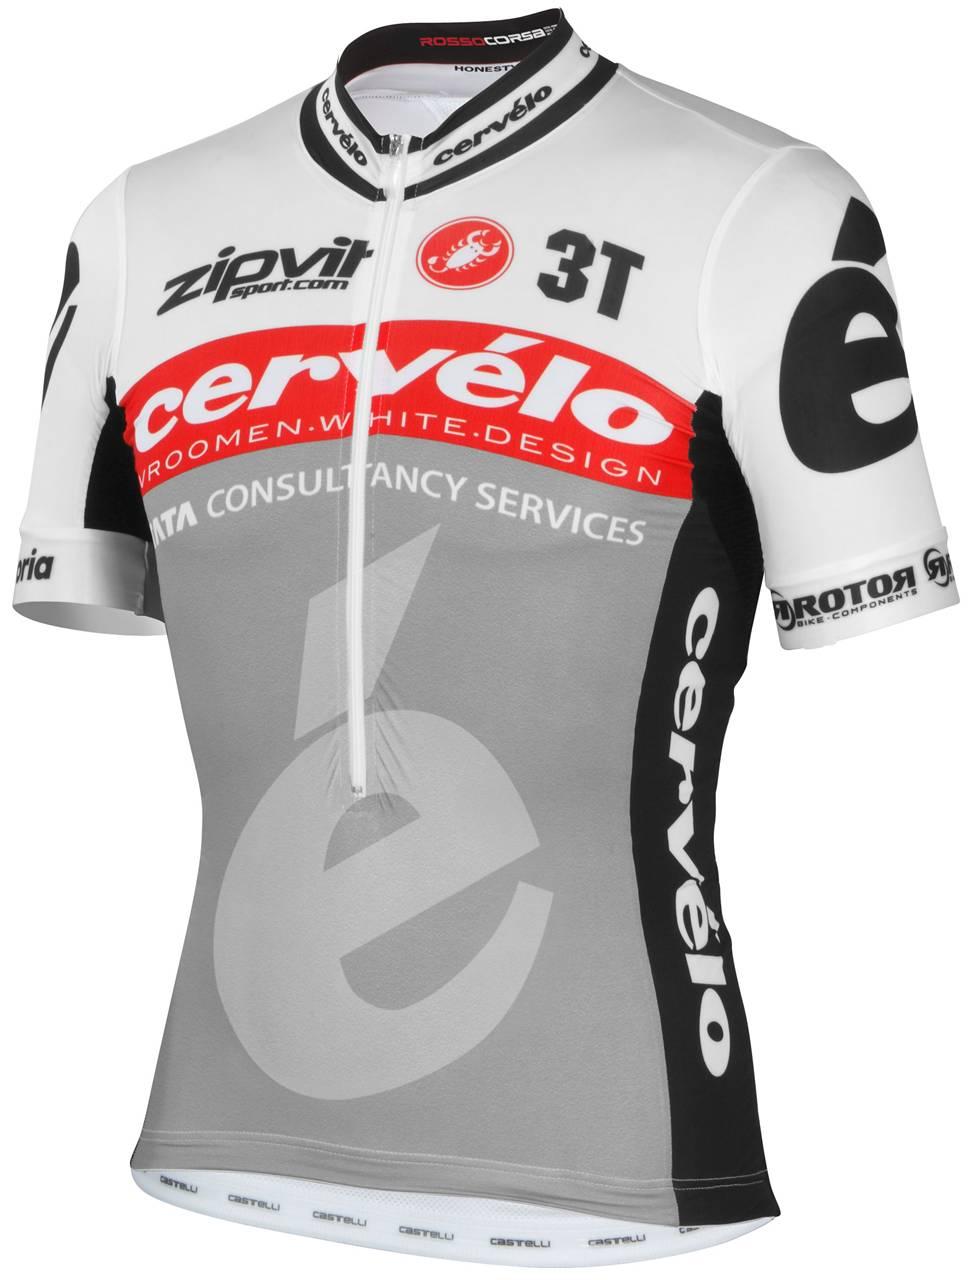 Cervelo 2010 Tour de France jersey